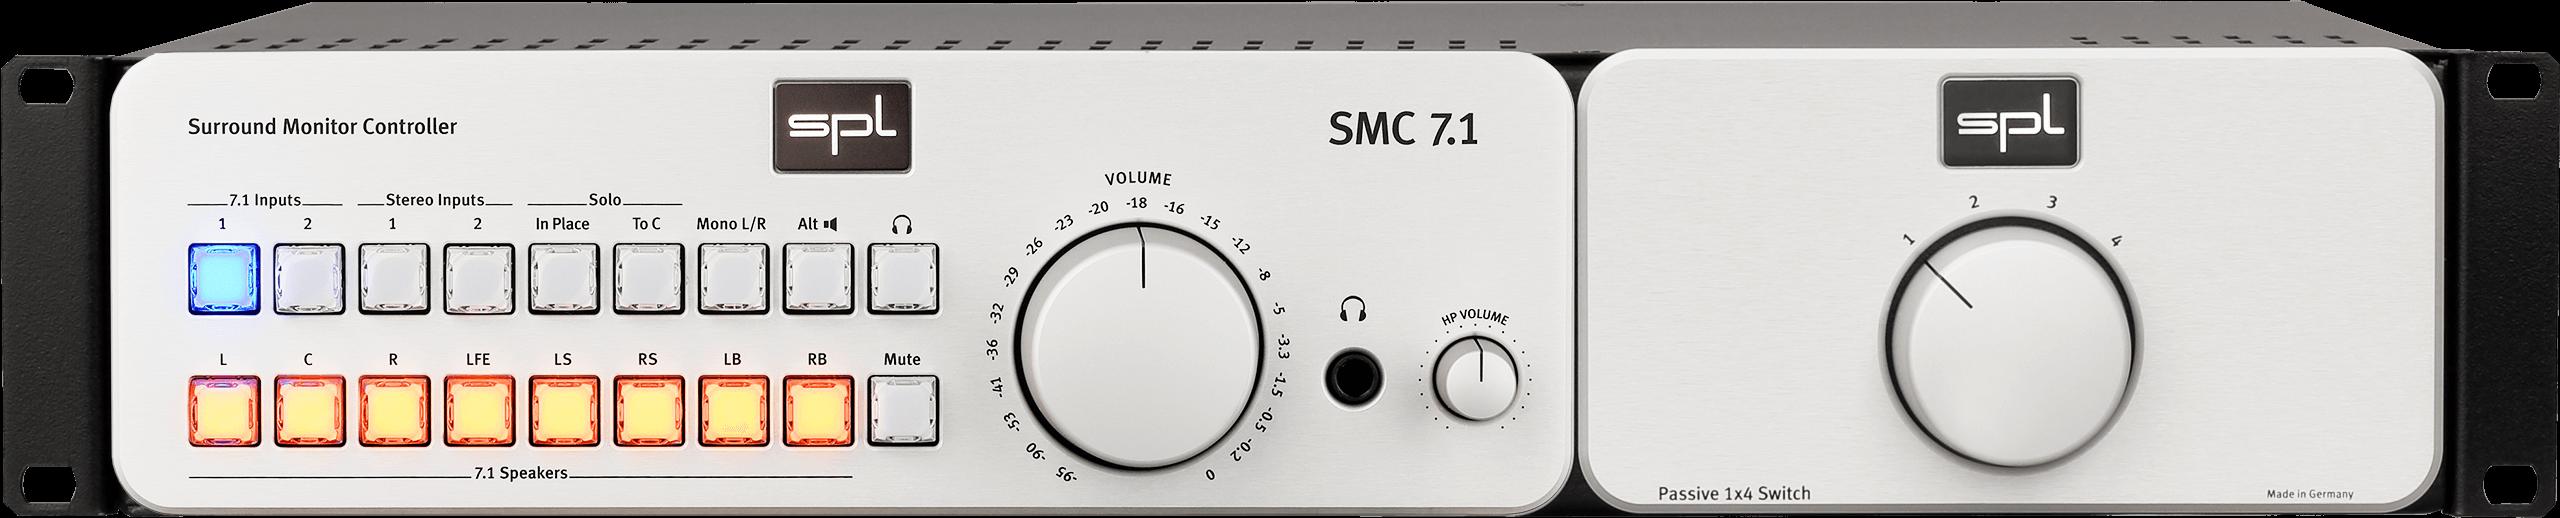 SMC71-Exp-Rack_Silver_HiRes_Front_P2trans